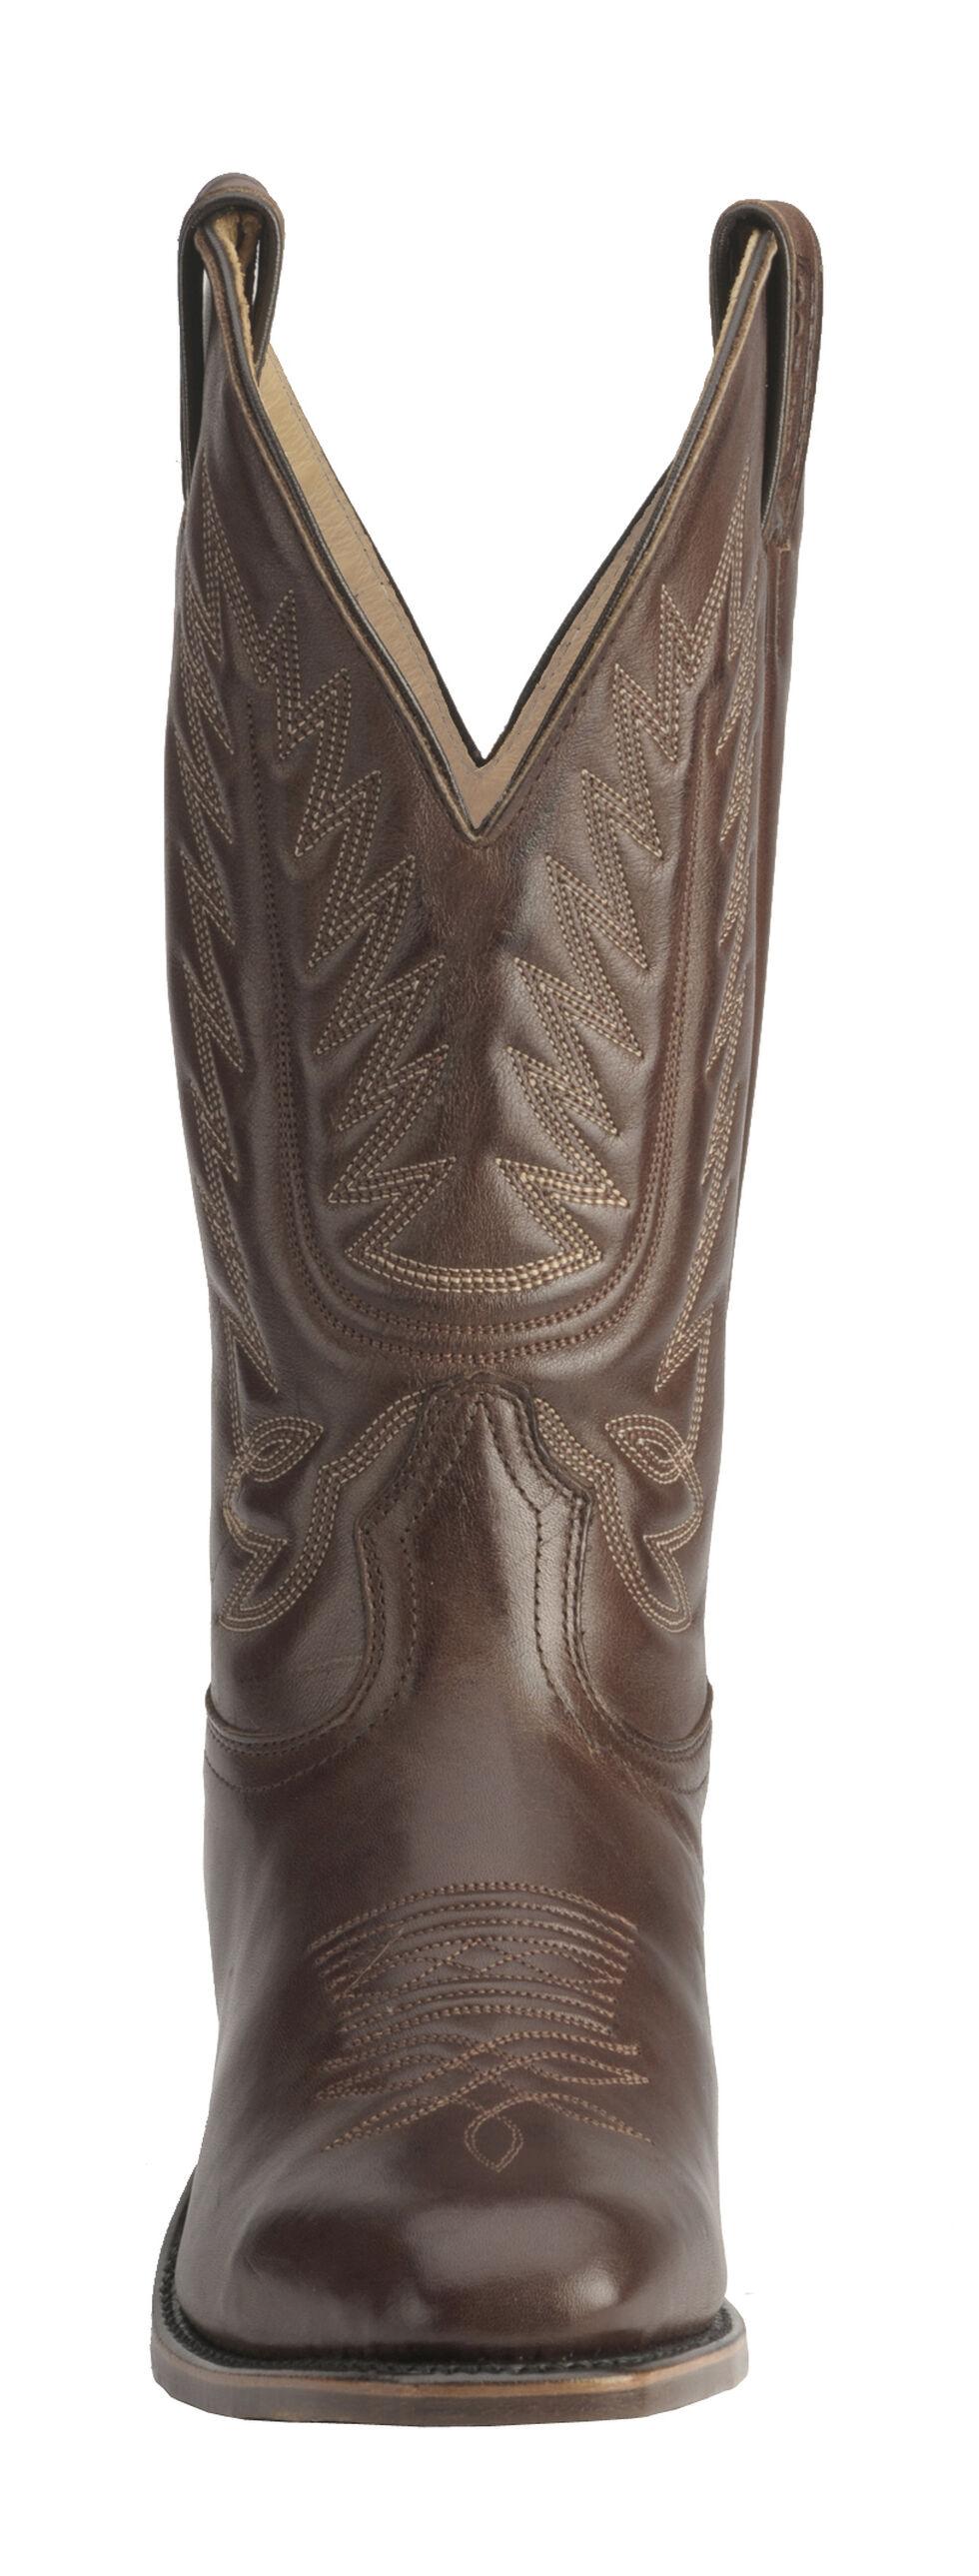 Boulet Men's Dress Cowboy Boots - Snip Toe, Tan, hi-res